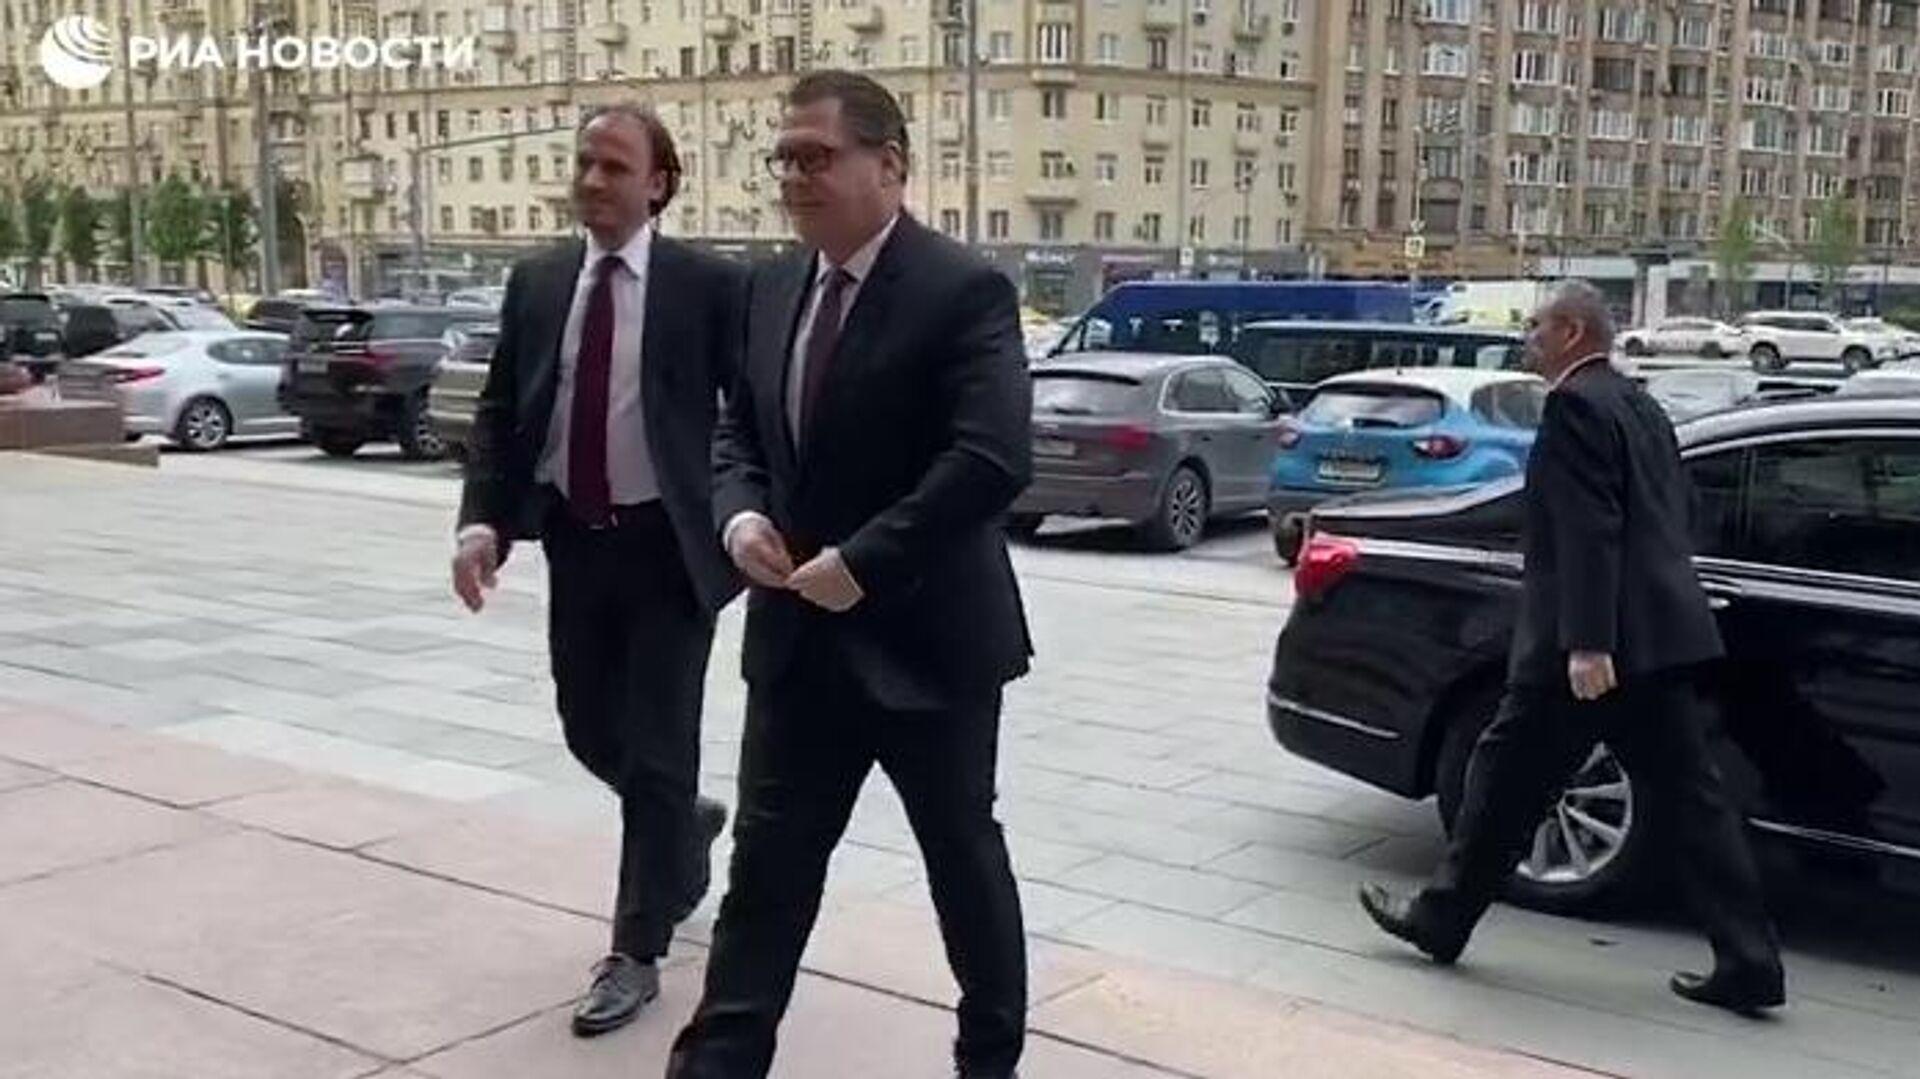 Посол Чехии в Москве Витезслав Пивонька около здания МИД России - РИА Новости, 1920, 18.04.2021